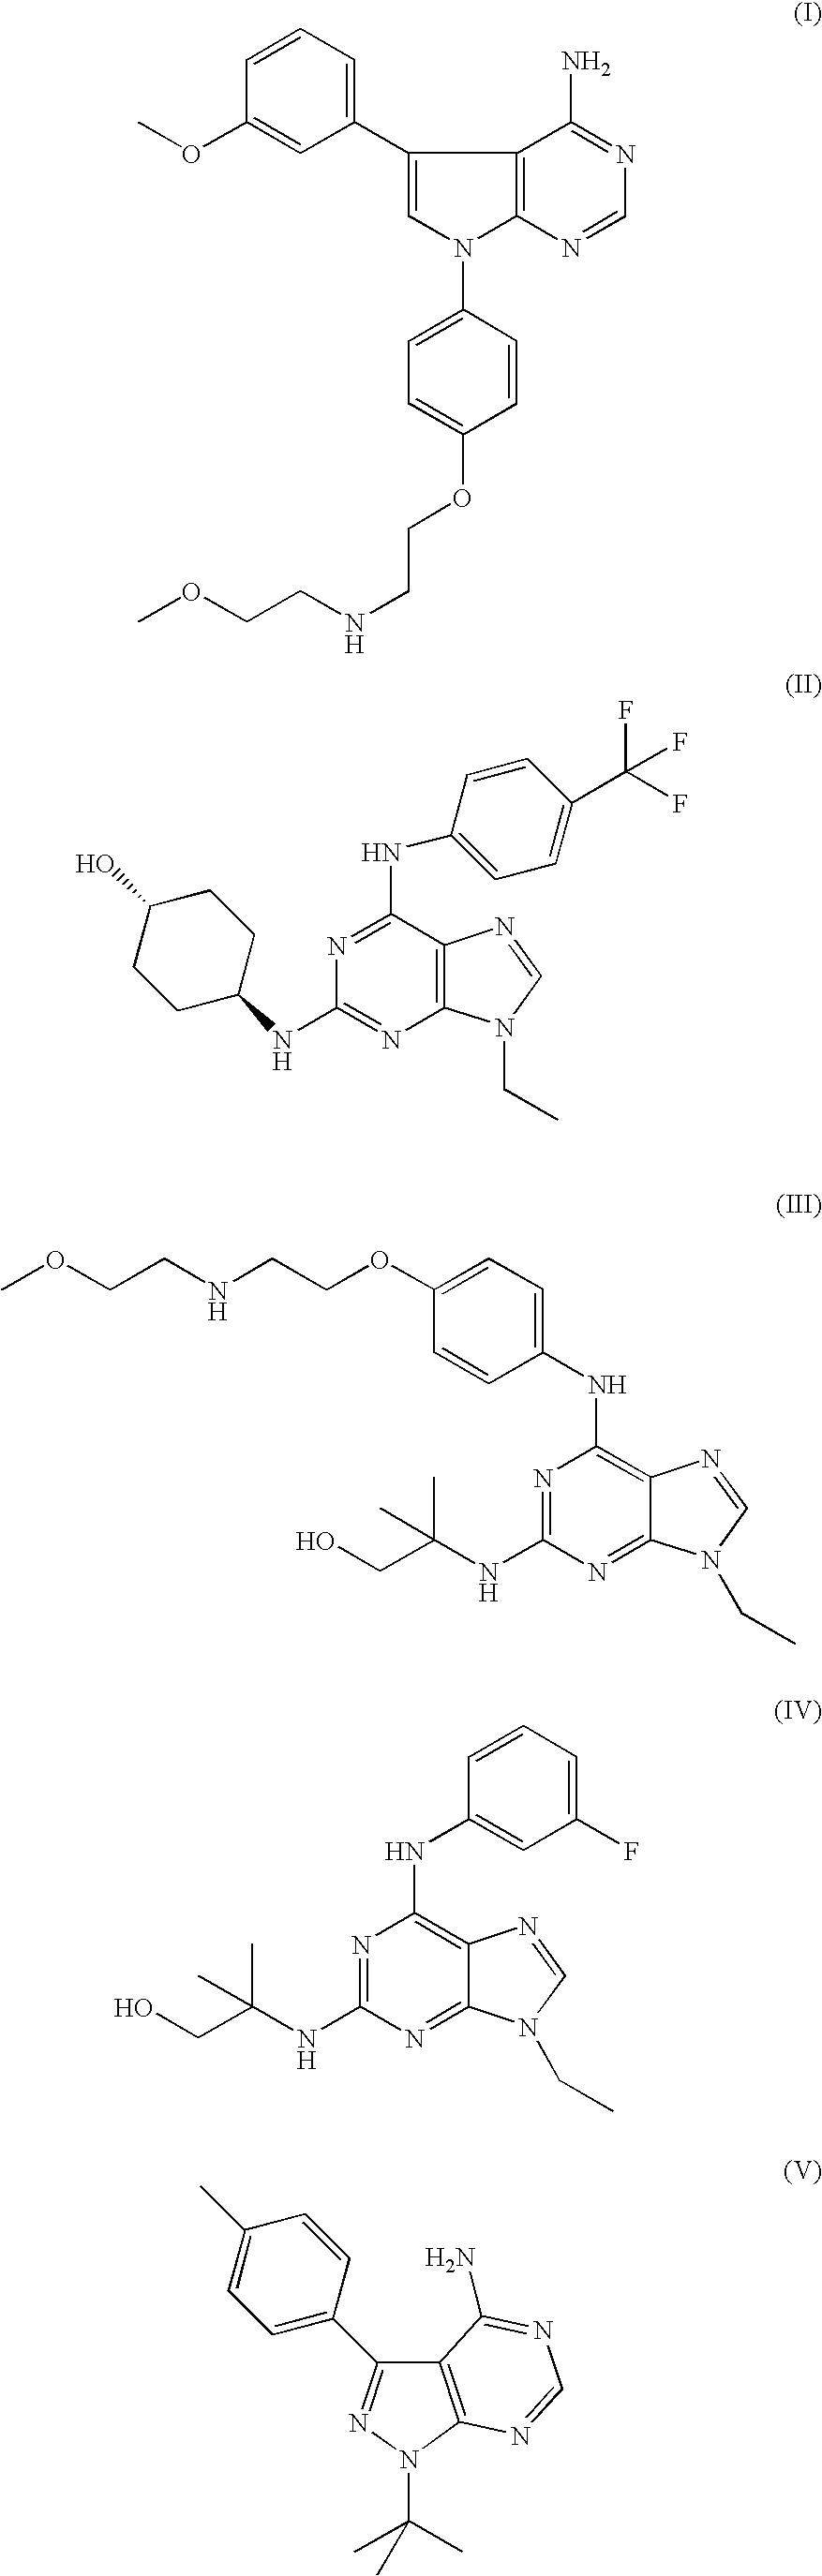 Figure US08119649-20120221-C00001